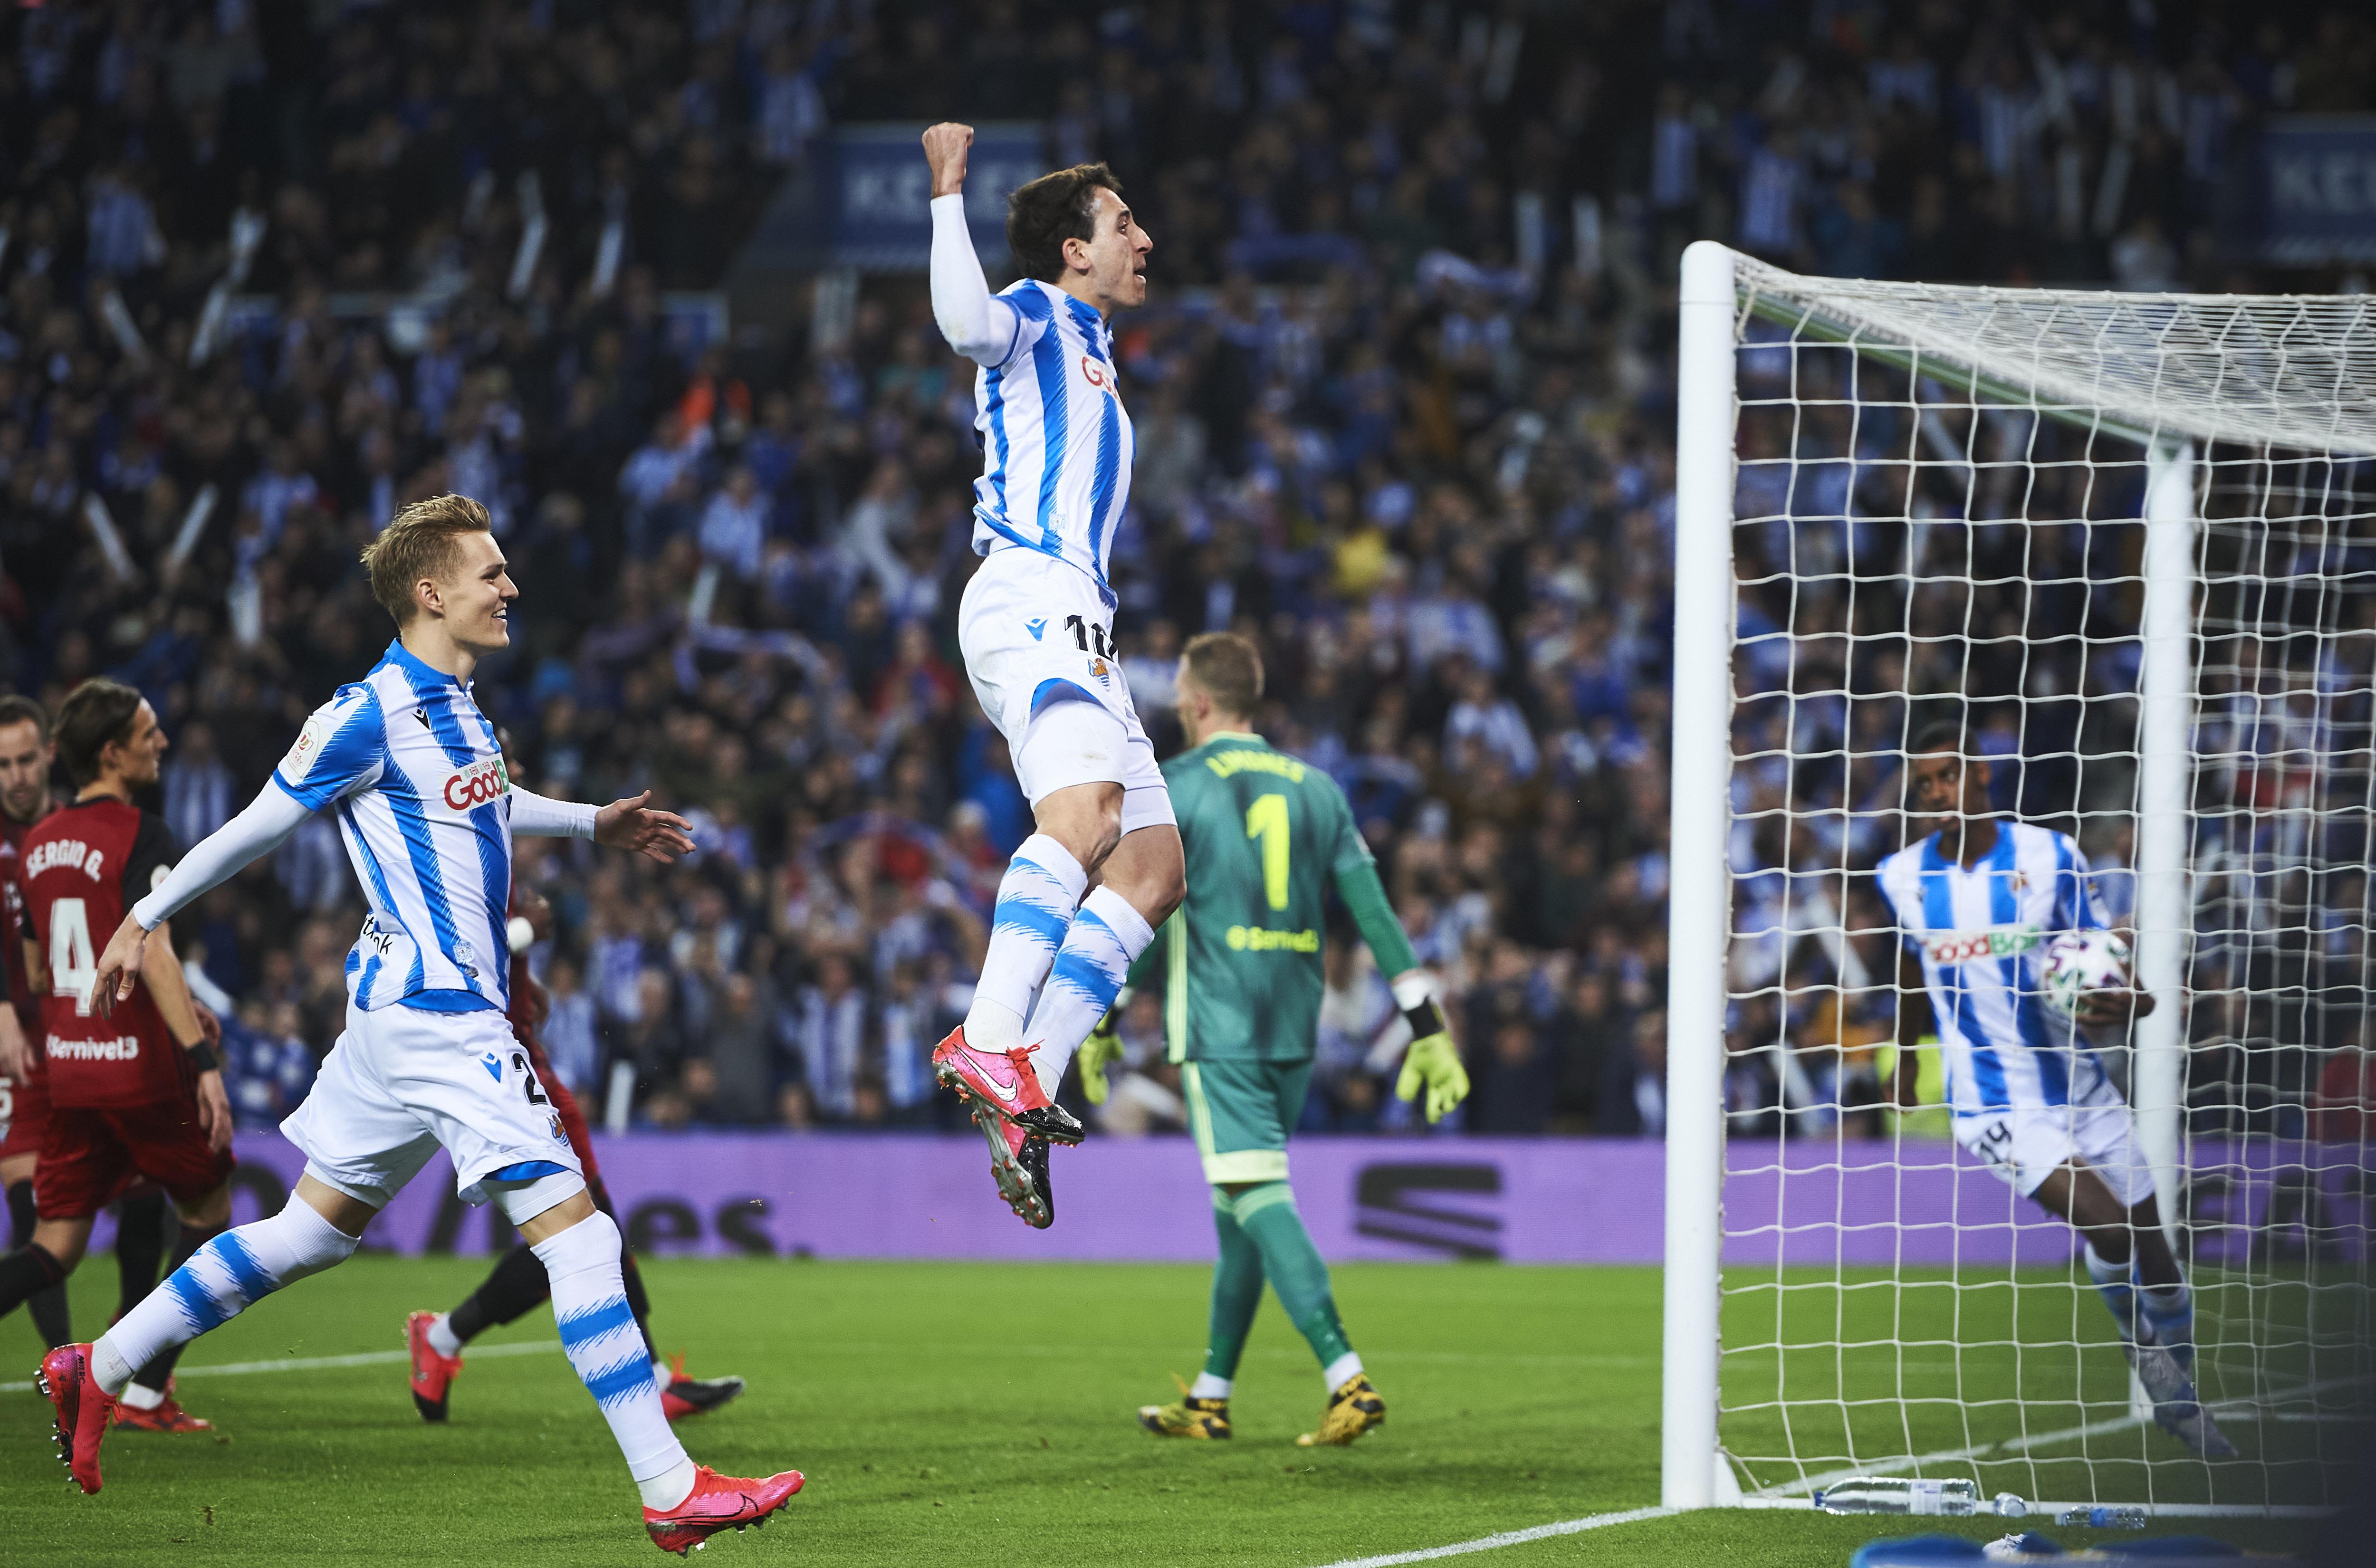 Real Sociedad score